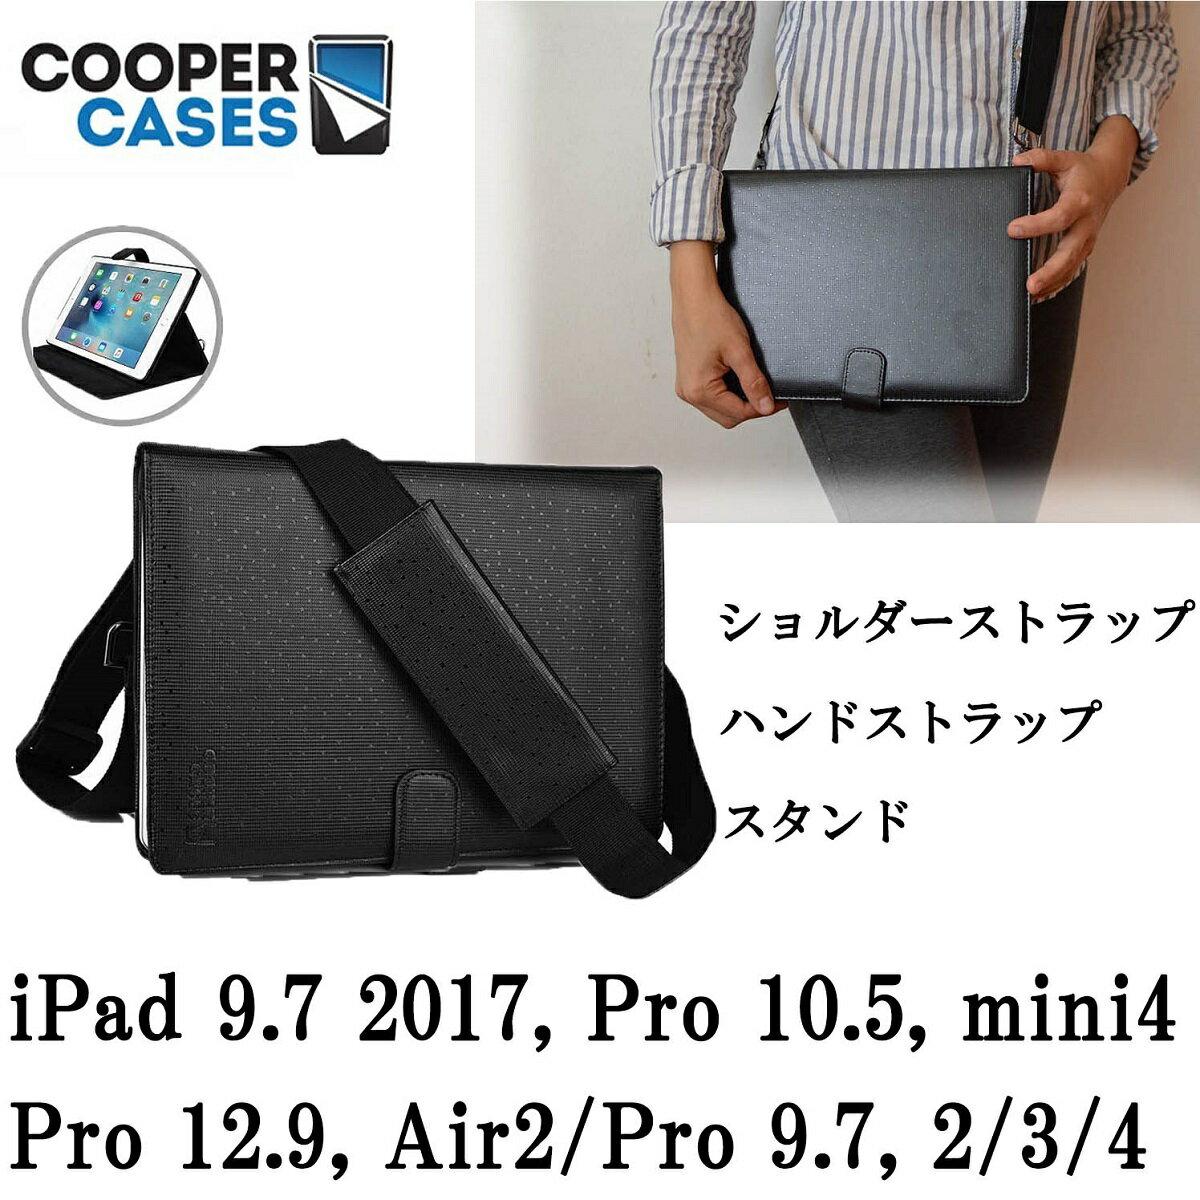 ipad 2017 ケース mini4 Pro 10.5 ショルダー ハンド ストラップ 第5世代 air2 9.7 12.9 アイパッド タブレット ビジネス 手帳型 カバー シンプル おしゃれ 車載 後部座席 丈夫 持ち運び アウトドア iPad2 iPad4 Cooper Cases ブランド Magic Carry PRO【楽天海外直送】